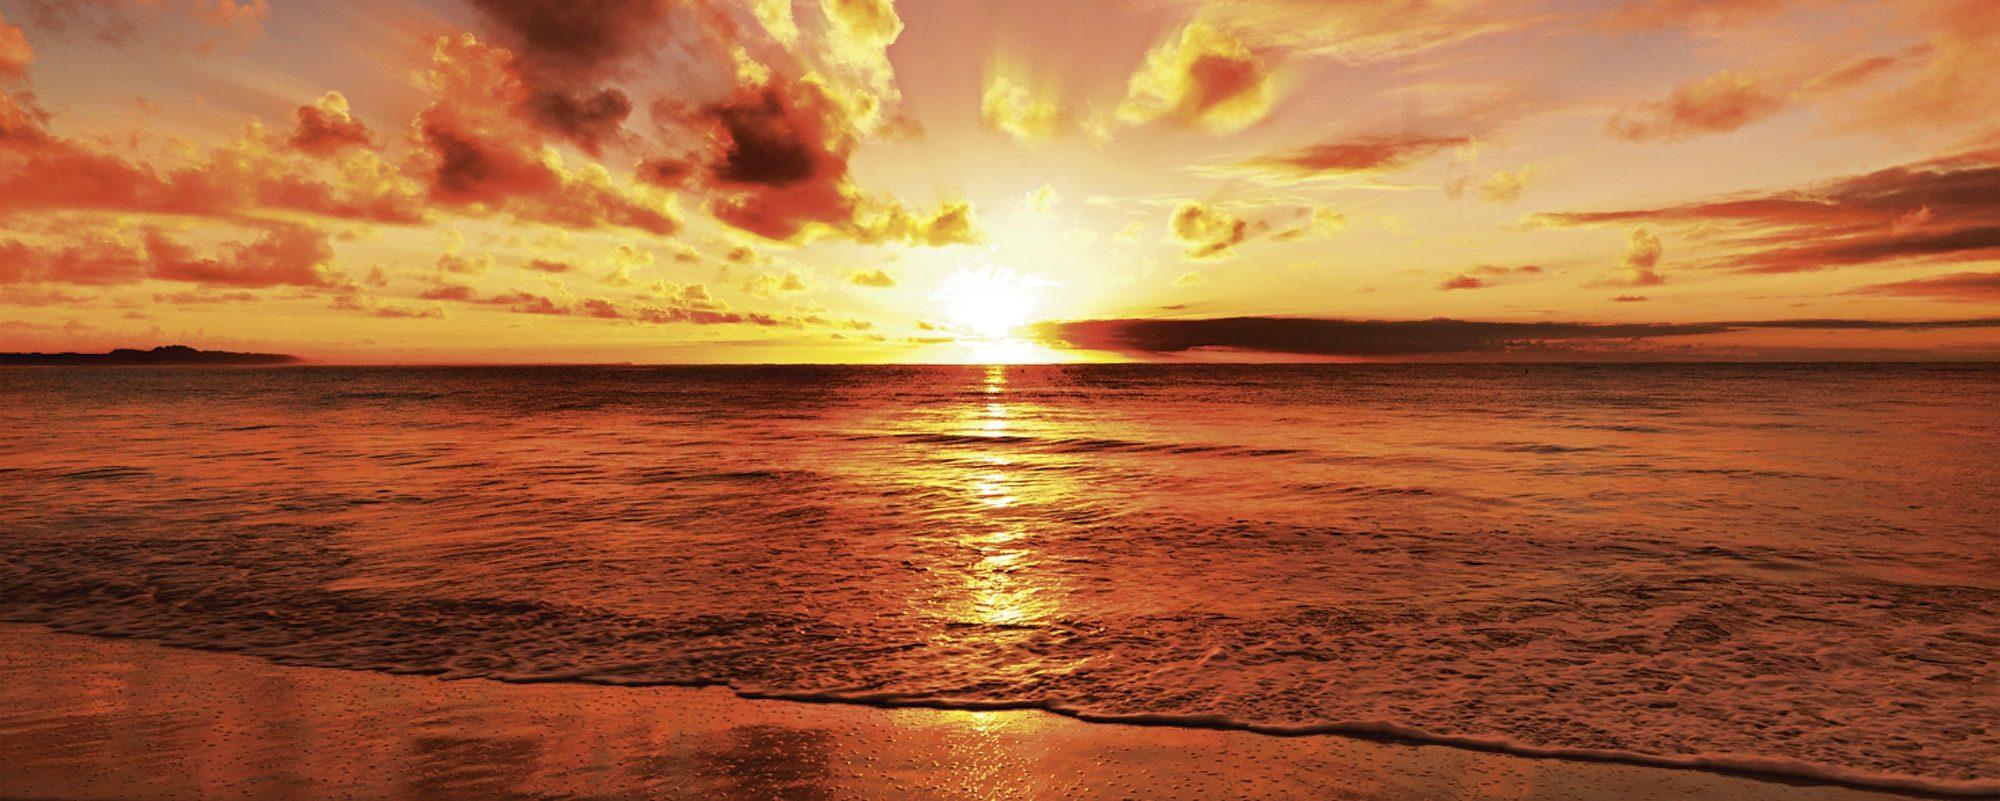 Glasbild, Home affaire, »idizimage: Schöner tropischer Sonnenuntergang am Strand«, 125/50 cm